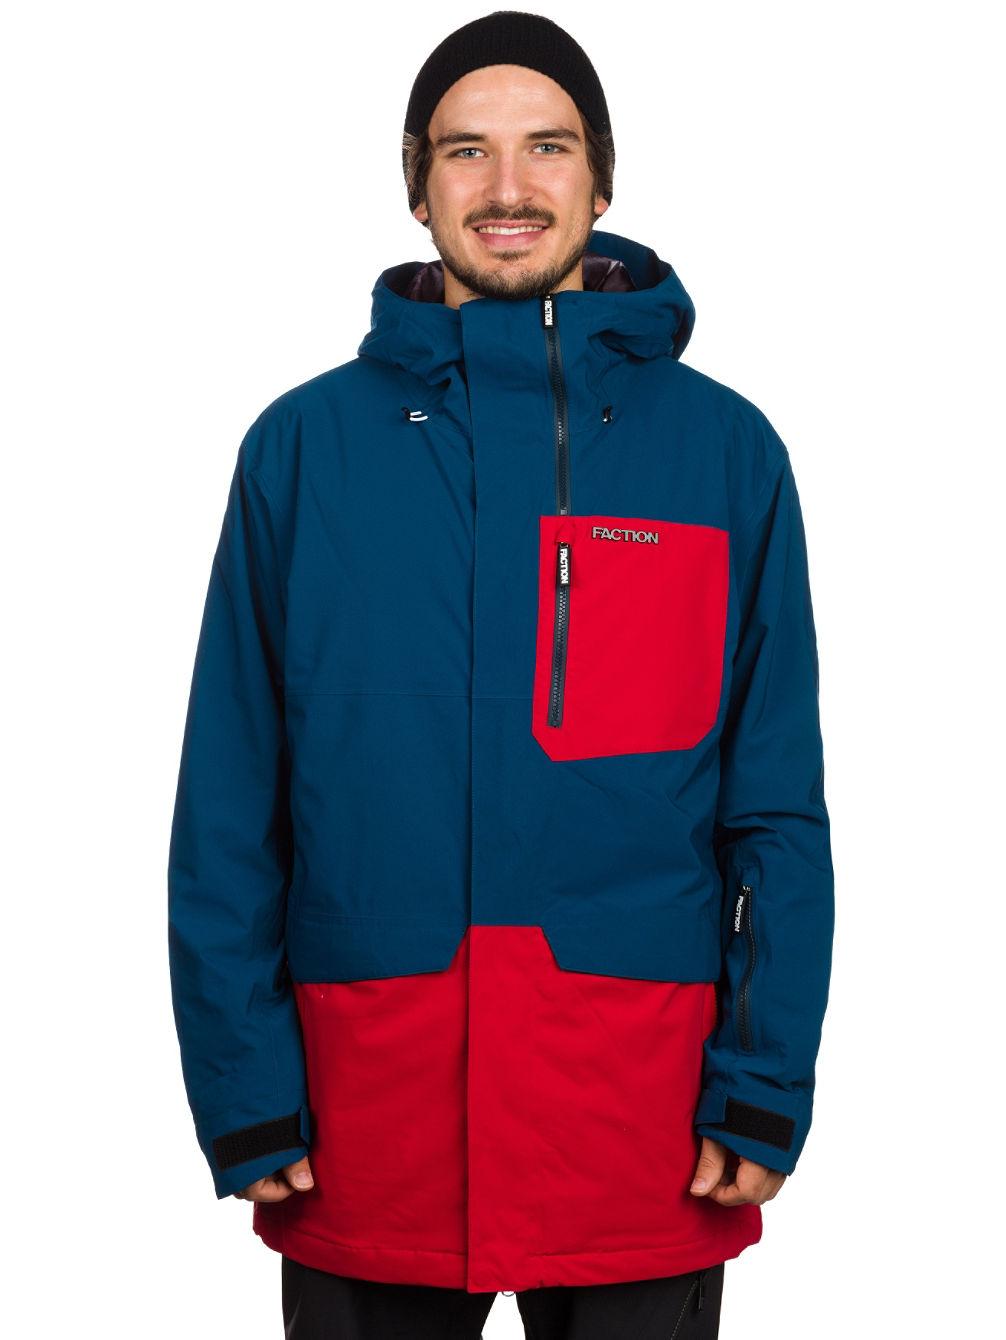 franklin-jacket